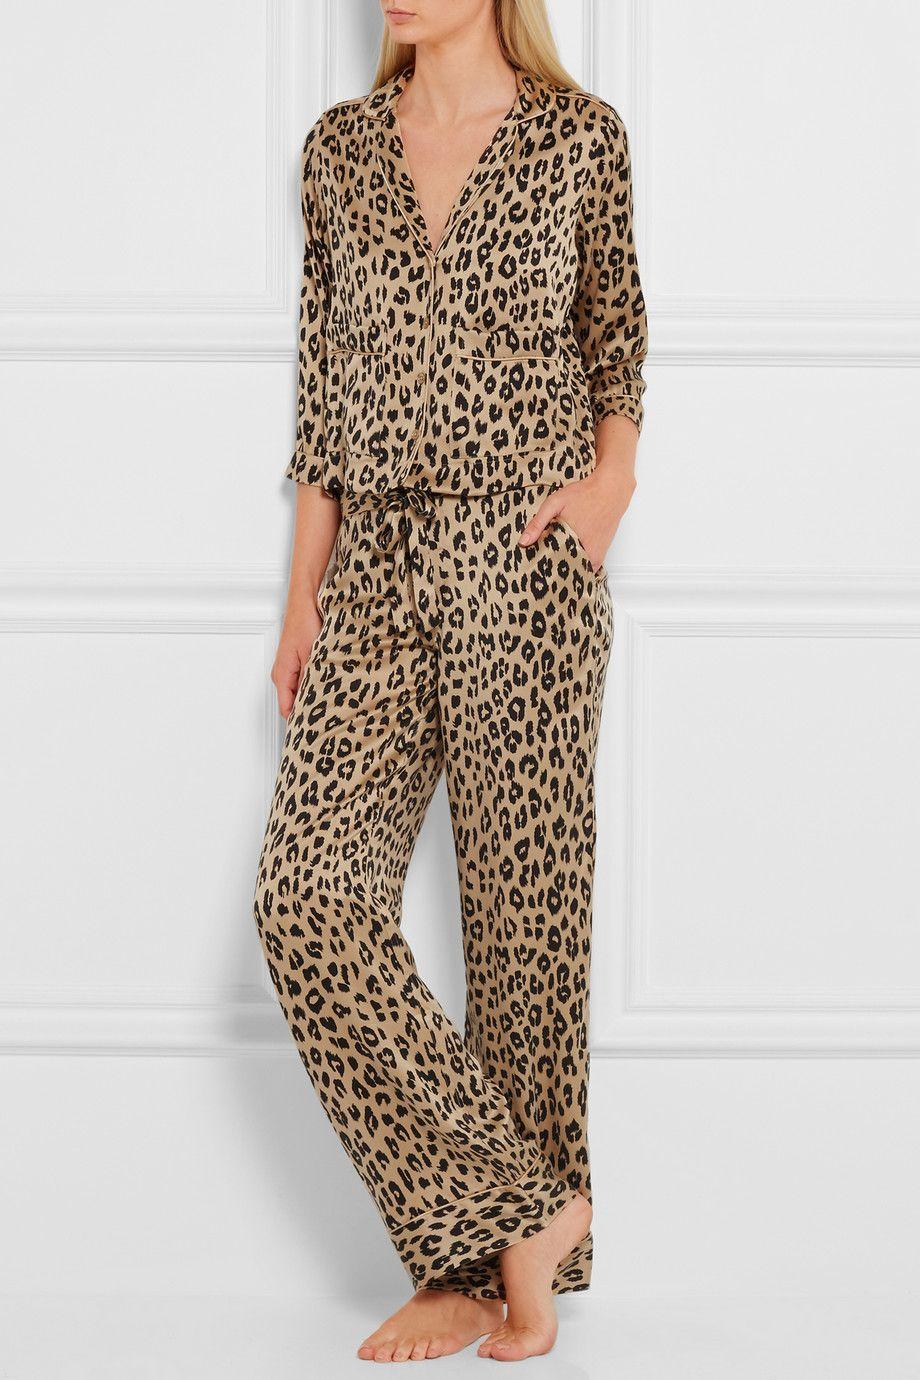 4fb4d257f The Daily Hunt | Personal Style | Silk pajamas, Pajama shirt ...